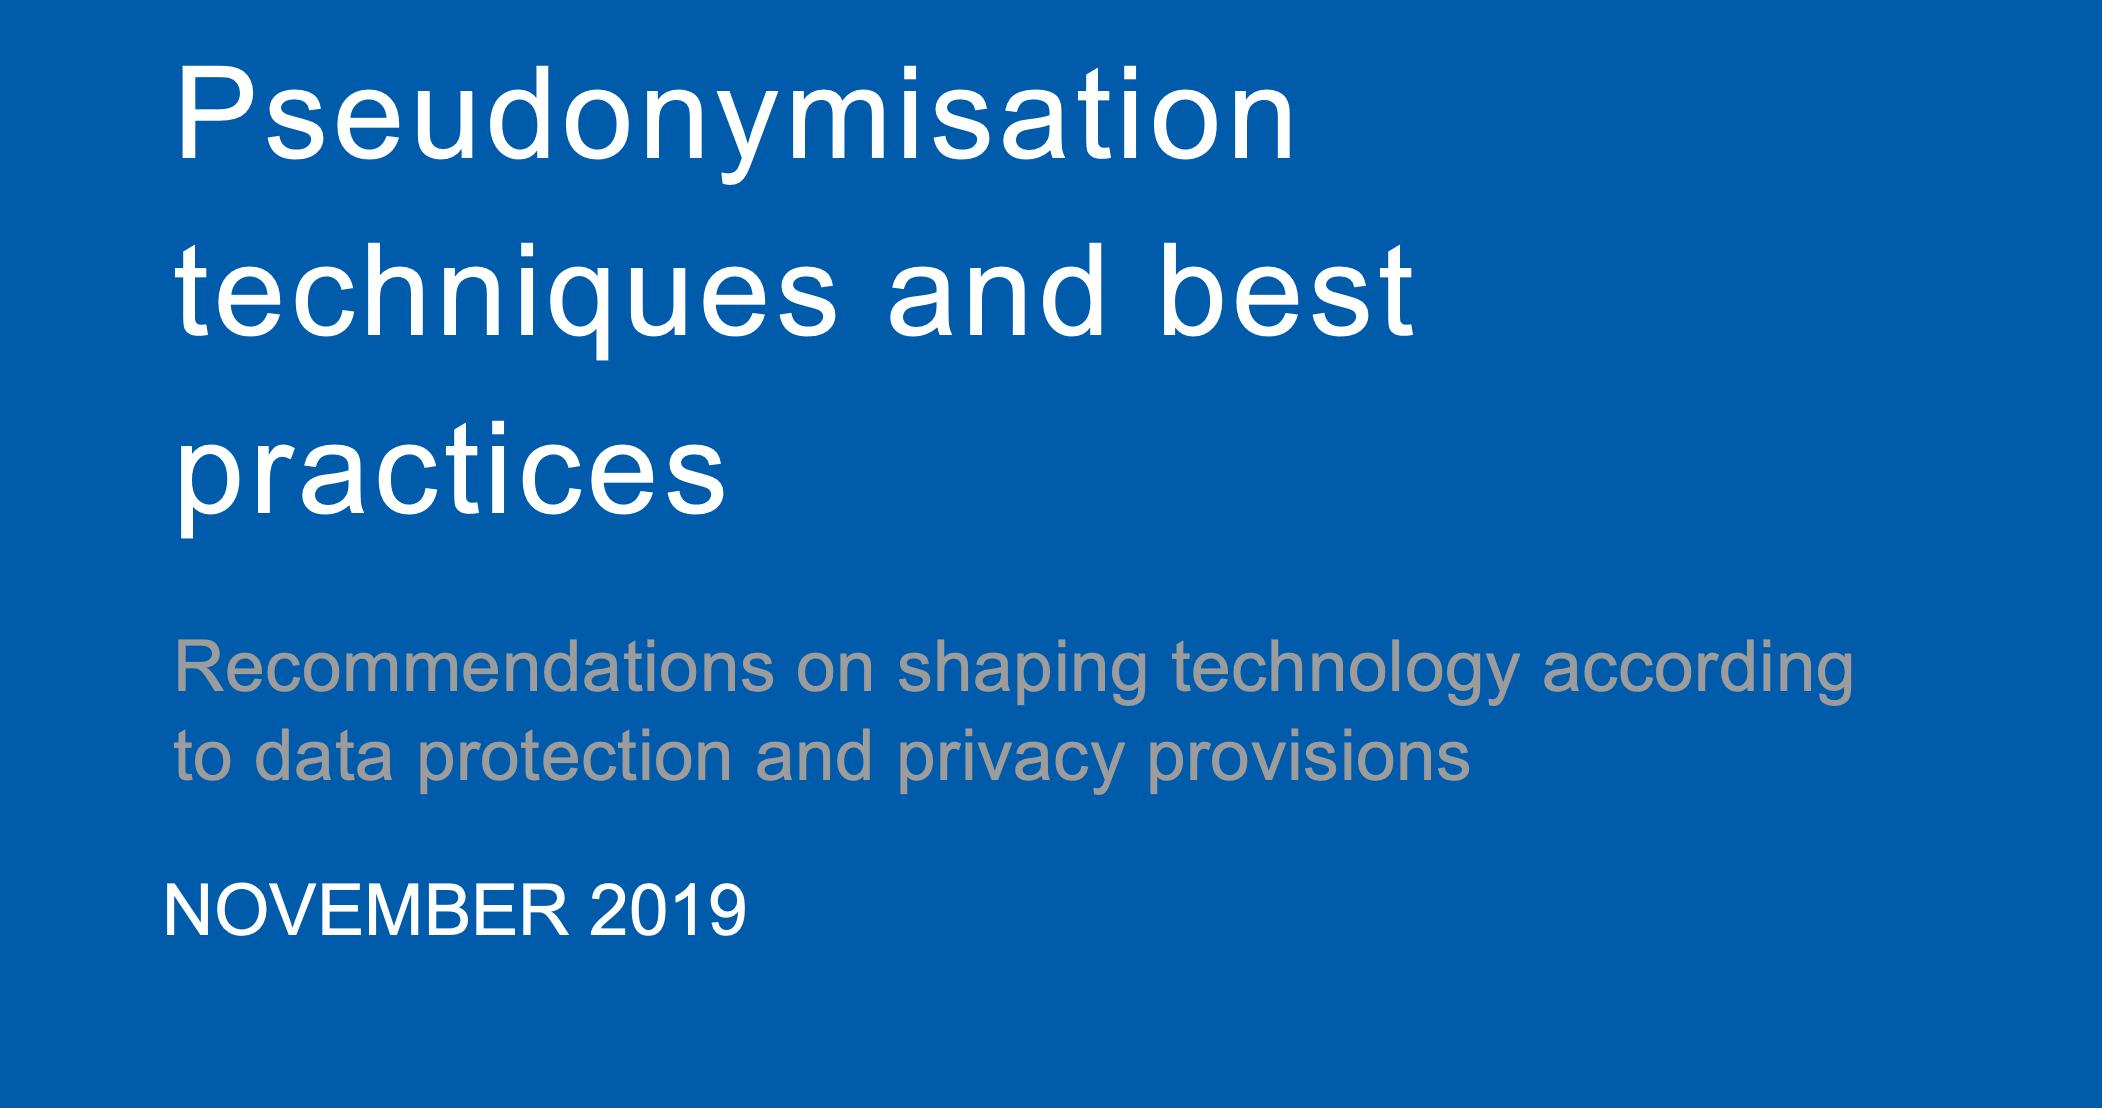 """RODO a cyberbezpieczeństwo: pseudonimizacja """"oczami"""" Europejskiej Agencji ds. Bezpieczeństwa Sieci i Informacji"""